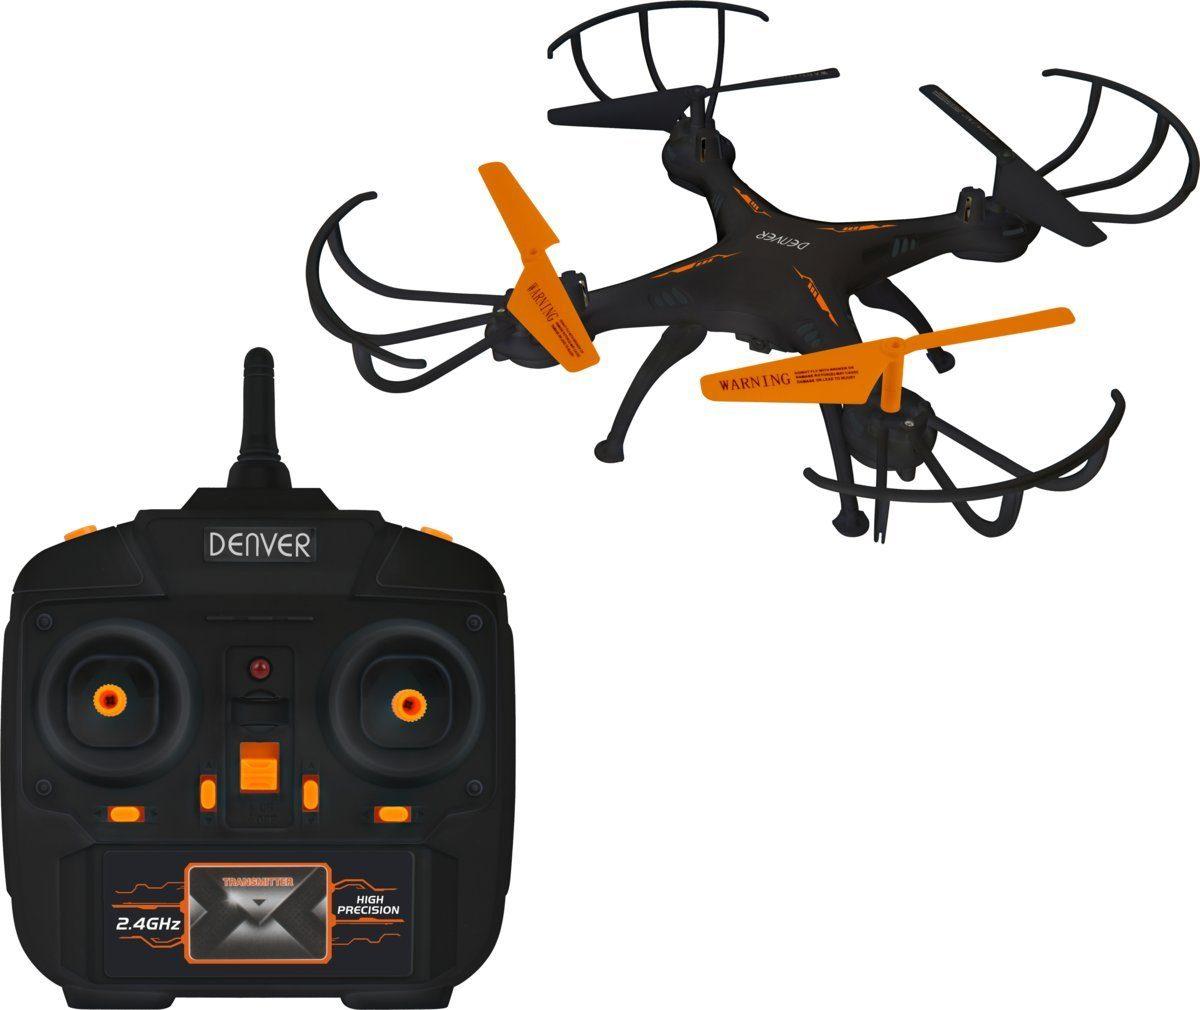 Denver Drohne »Quadrocopter Drohne DCH-260«